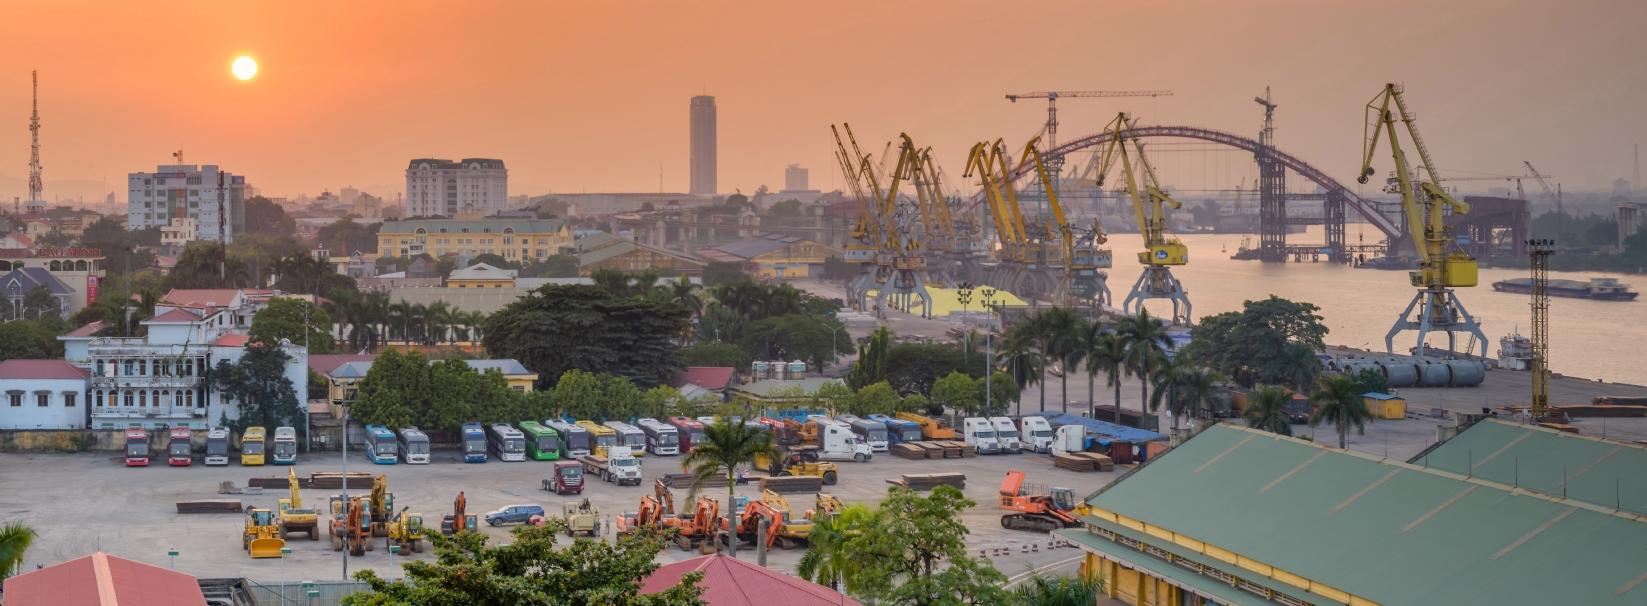 Báo cáo thị trường Bất động sản Hải Phòng 2H/2018